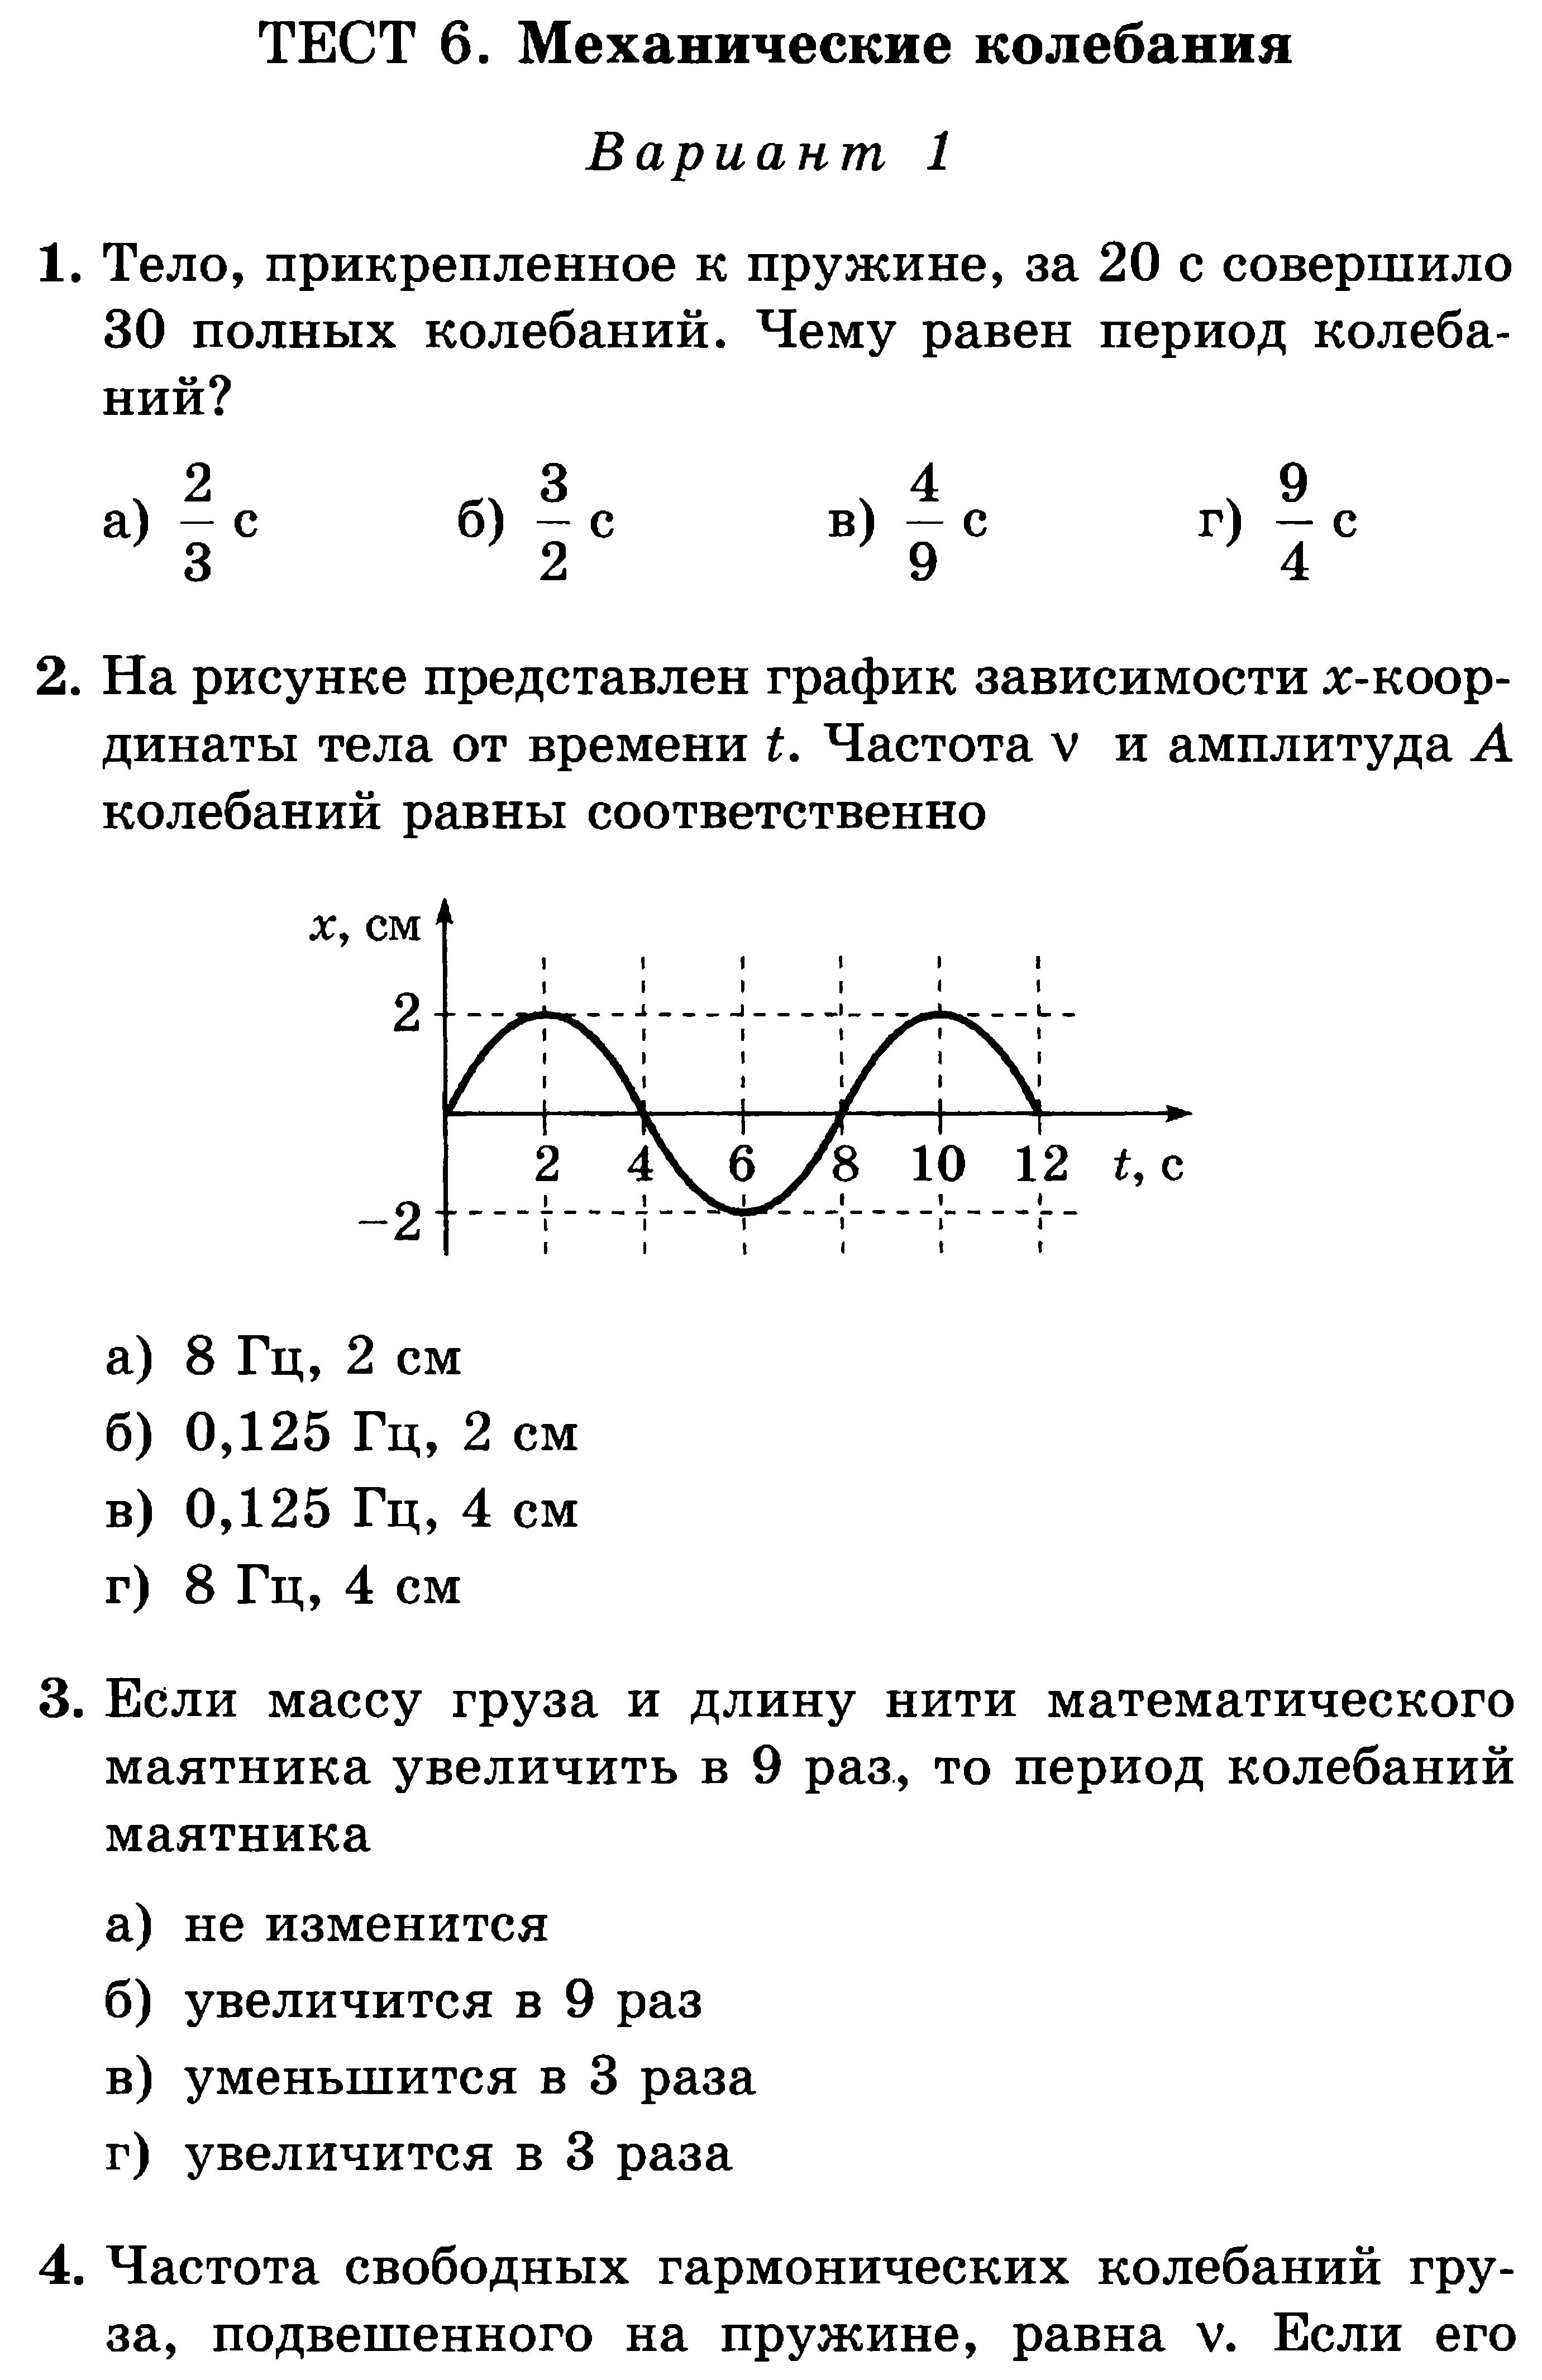 Физика 9 класс решение задач механические колебания все решения задач по квантовой физике